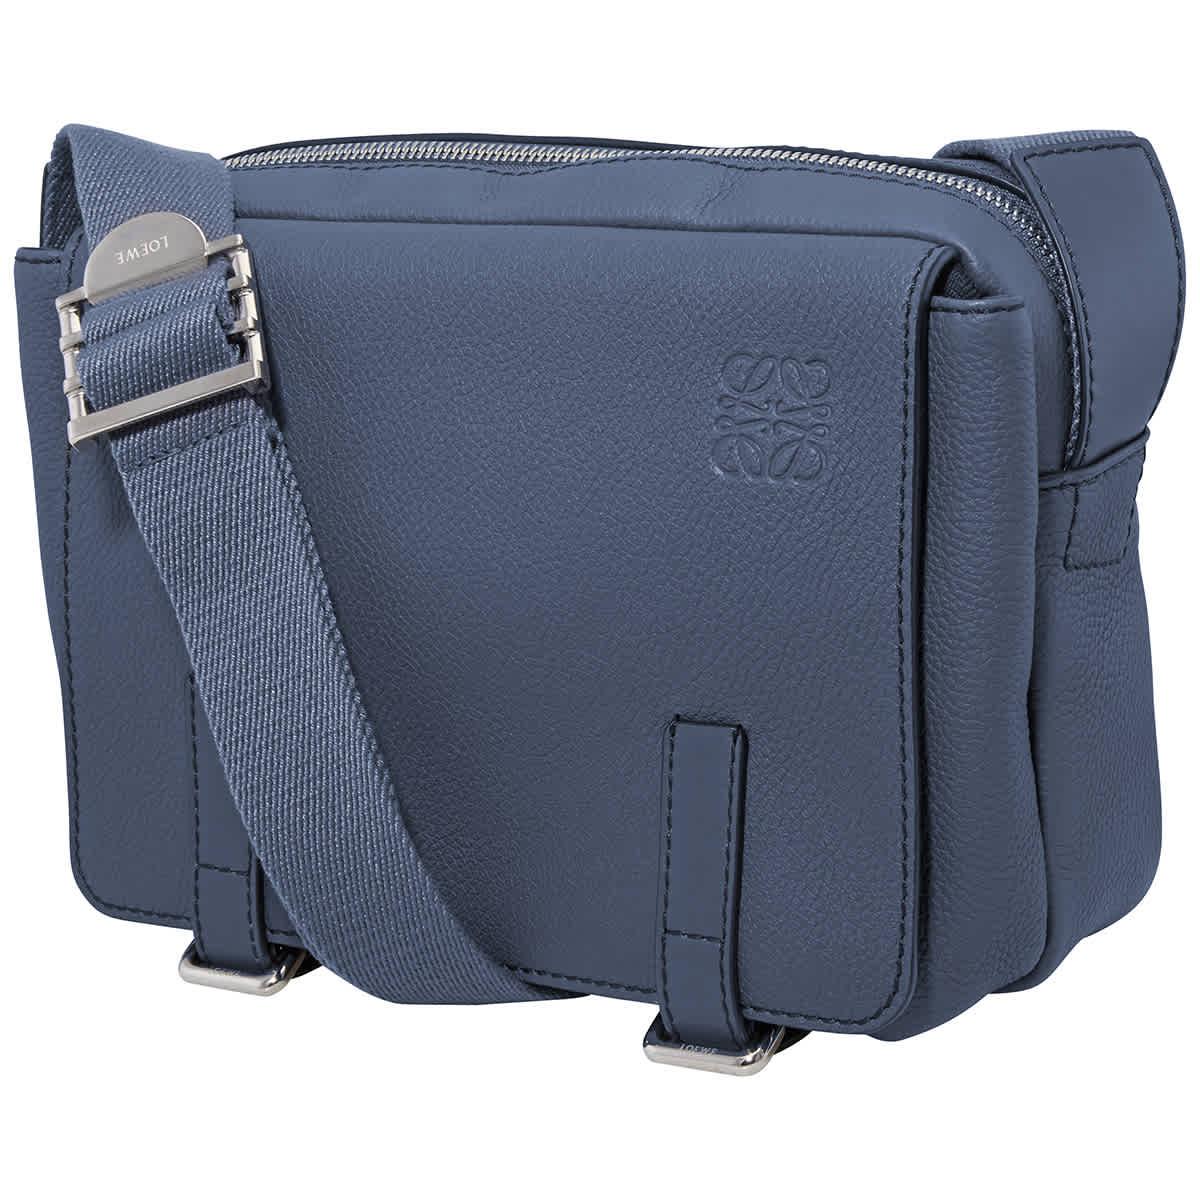 LOEWE MILITARY MESSENGER BAG IN BLUE